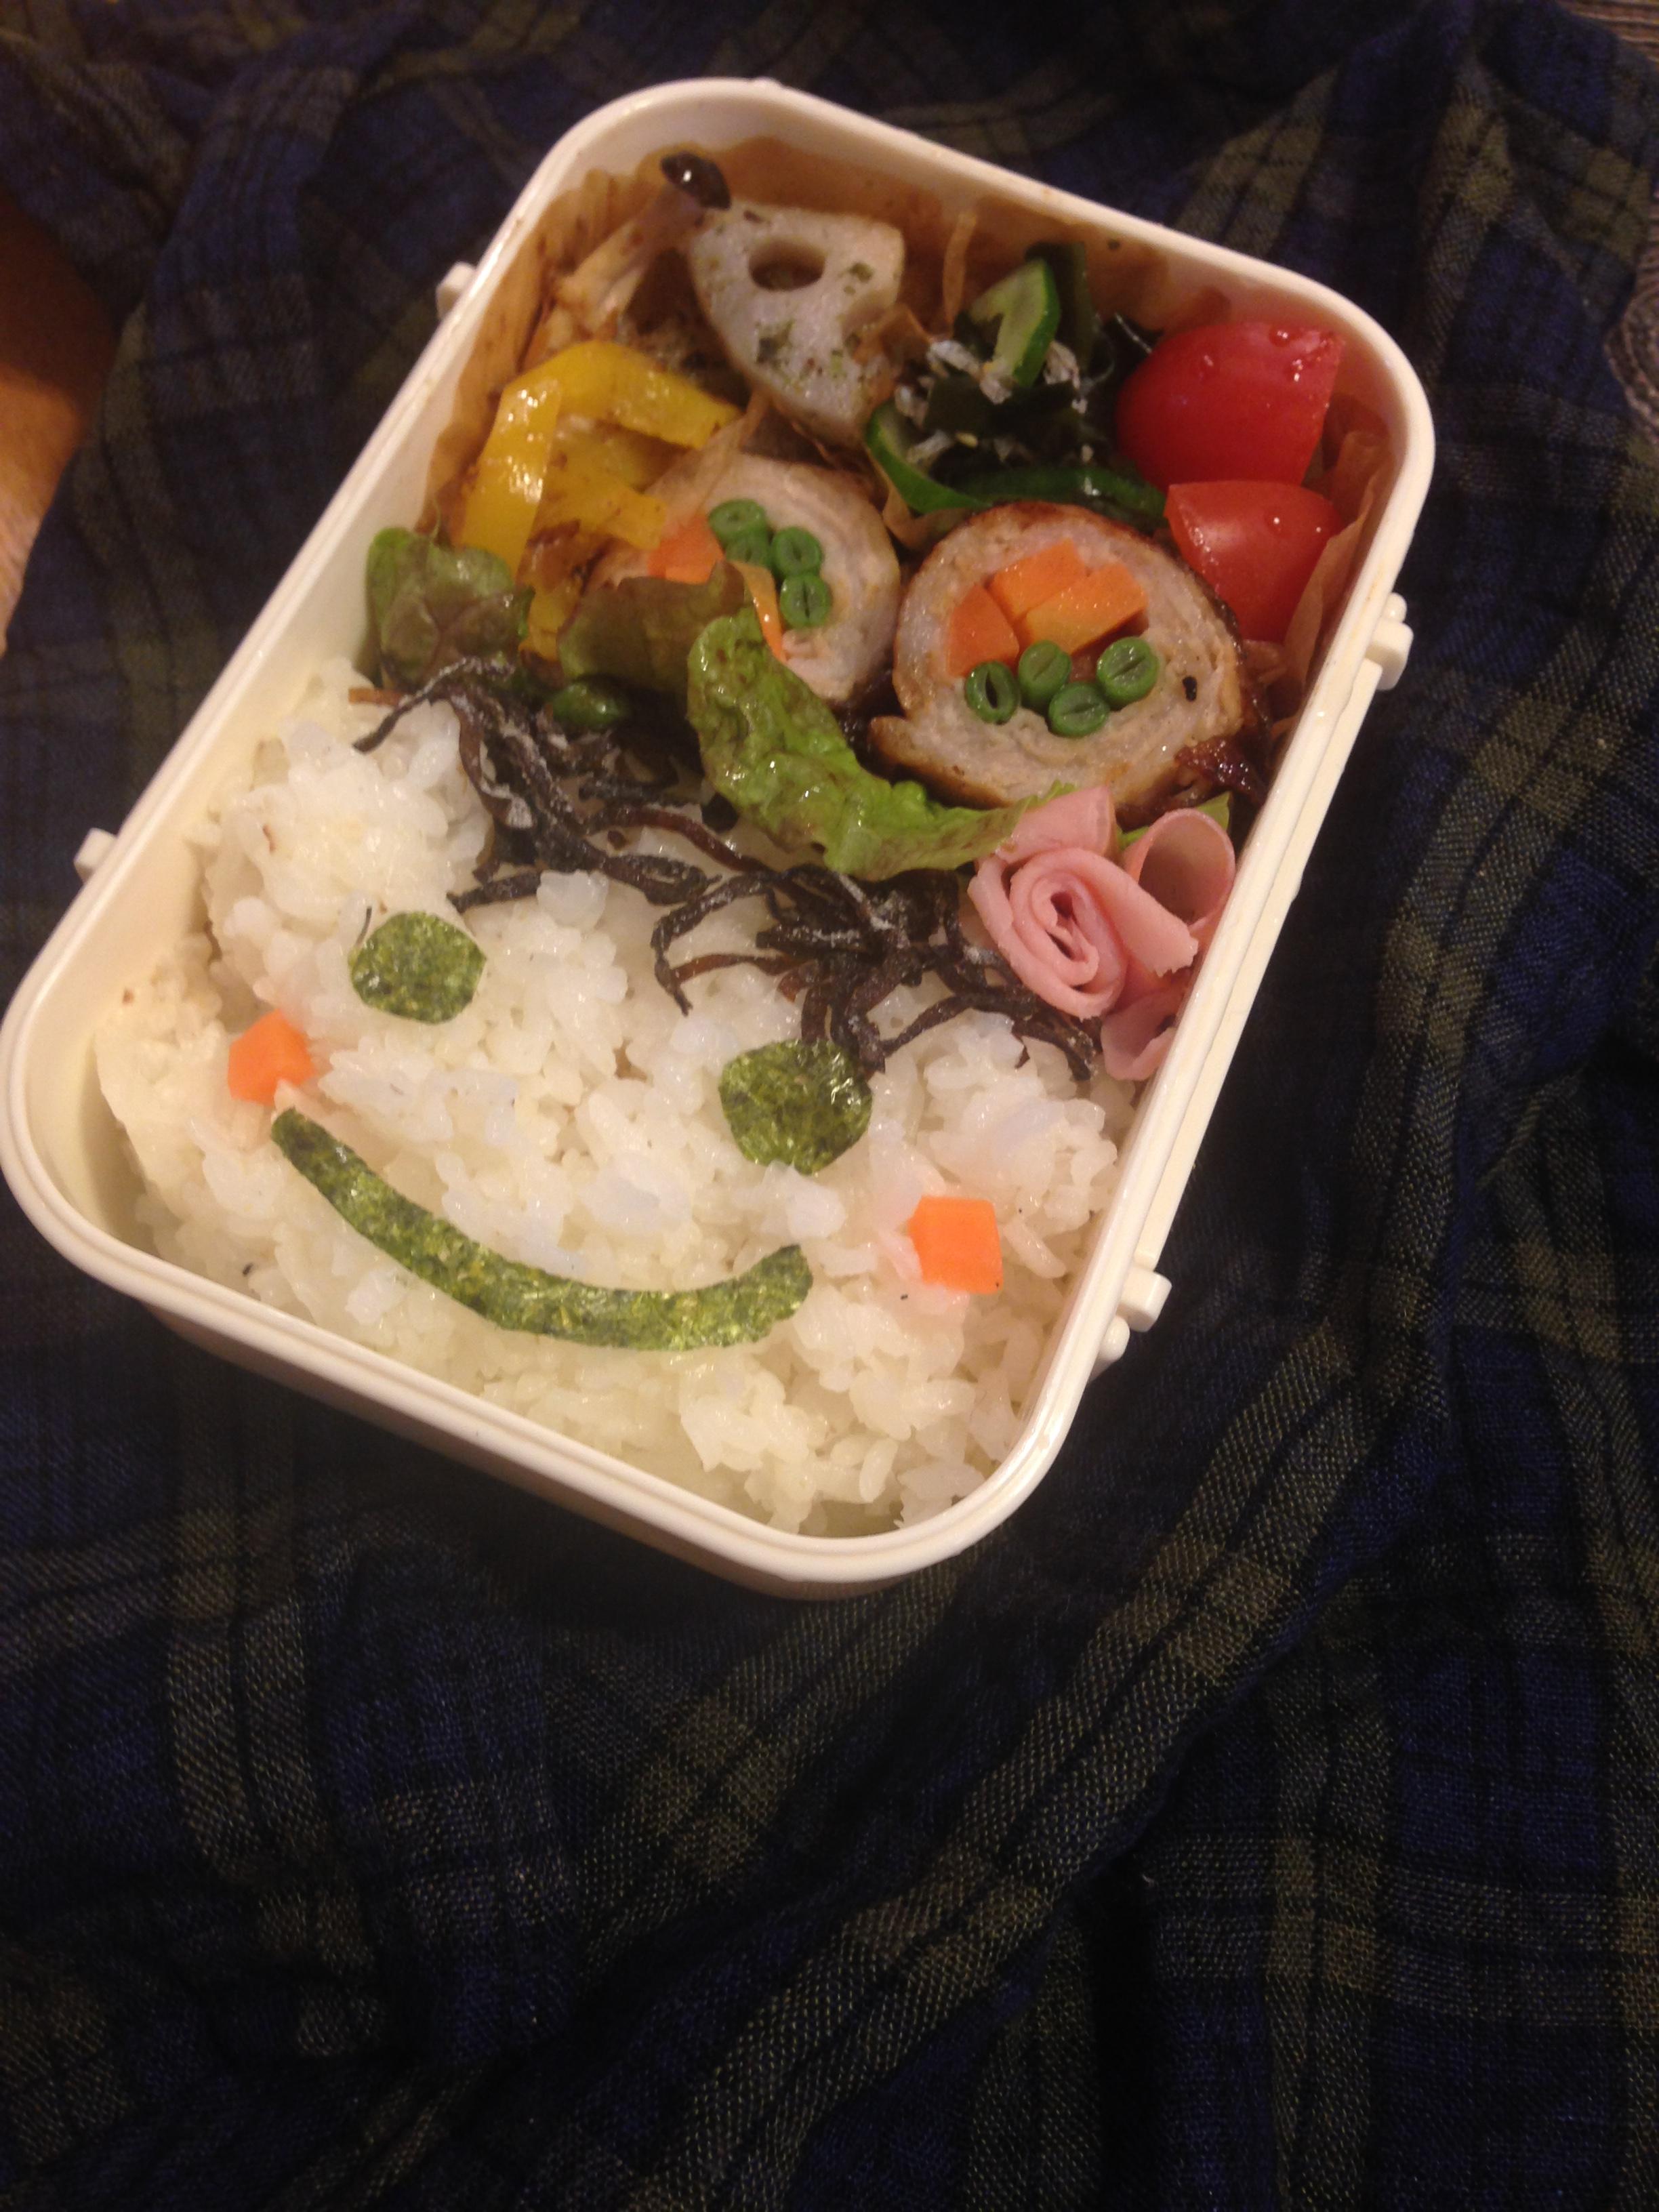 子どものお弁当でラクでかわいいは海苔・フリーハンドハサミで作れる。